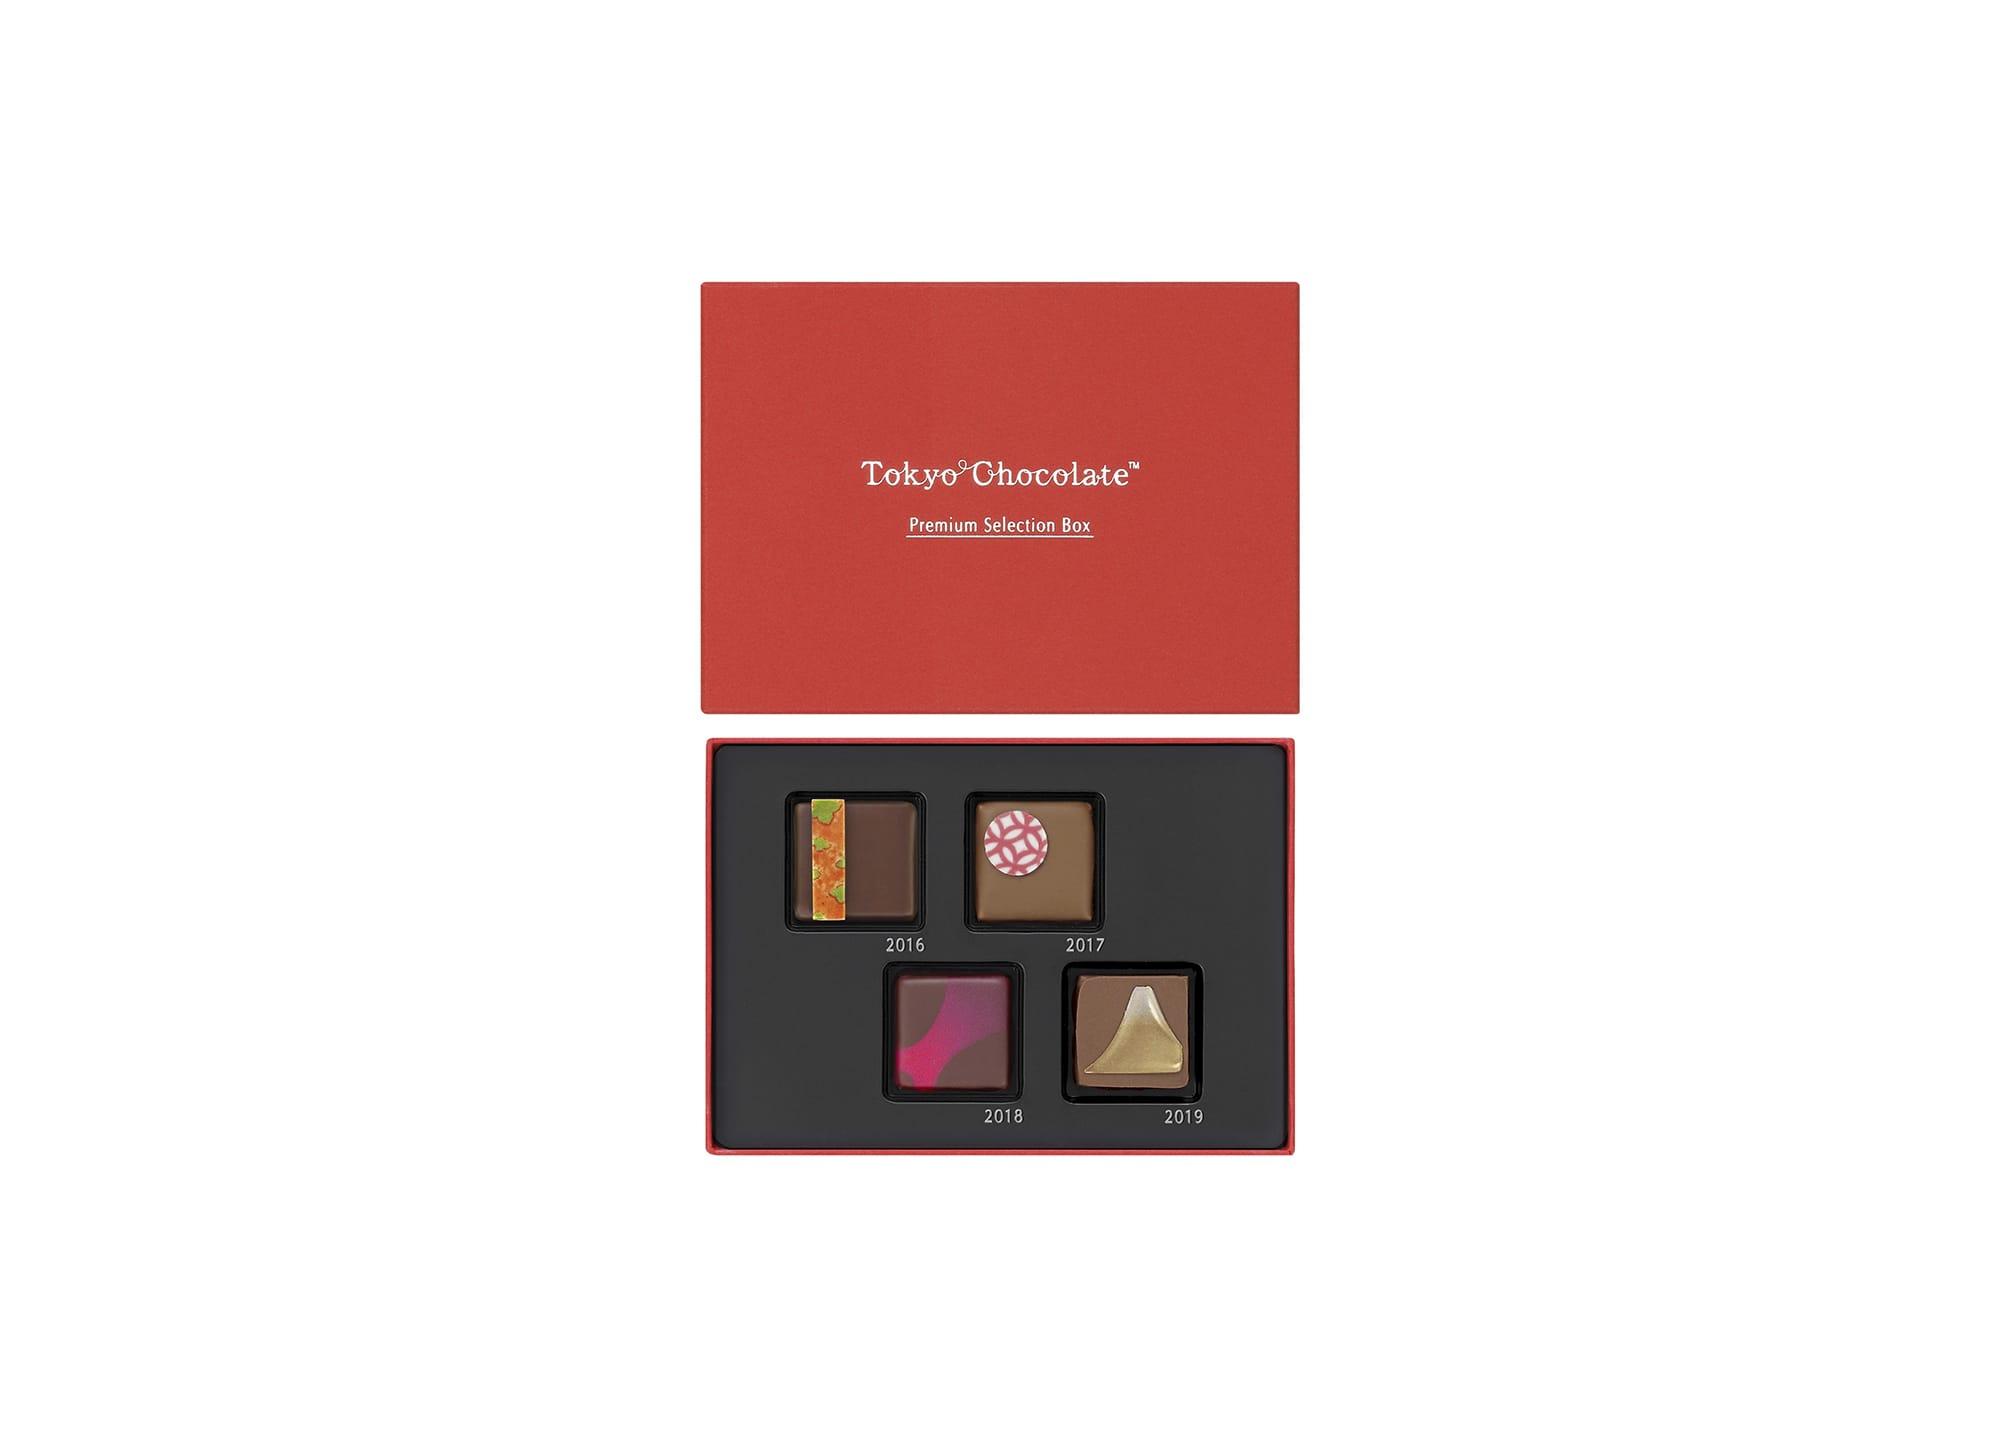 2016~2018年にC.C.C.で金賞をとったチョコレートをセレクトした「トーキョーチョコレートプレミアムセレクションボックス」。上段左から、市田柿の干し柿をジュレとガナッシュにして重ねた「柿」、七宝をイメージした「和のプラリネ」、日仏友好160周年を記念した「薔薇」、2019年の新作「玄米茶と生姜」。1,728円(税込)